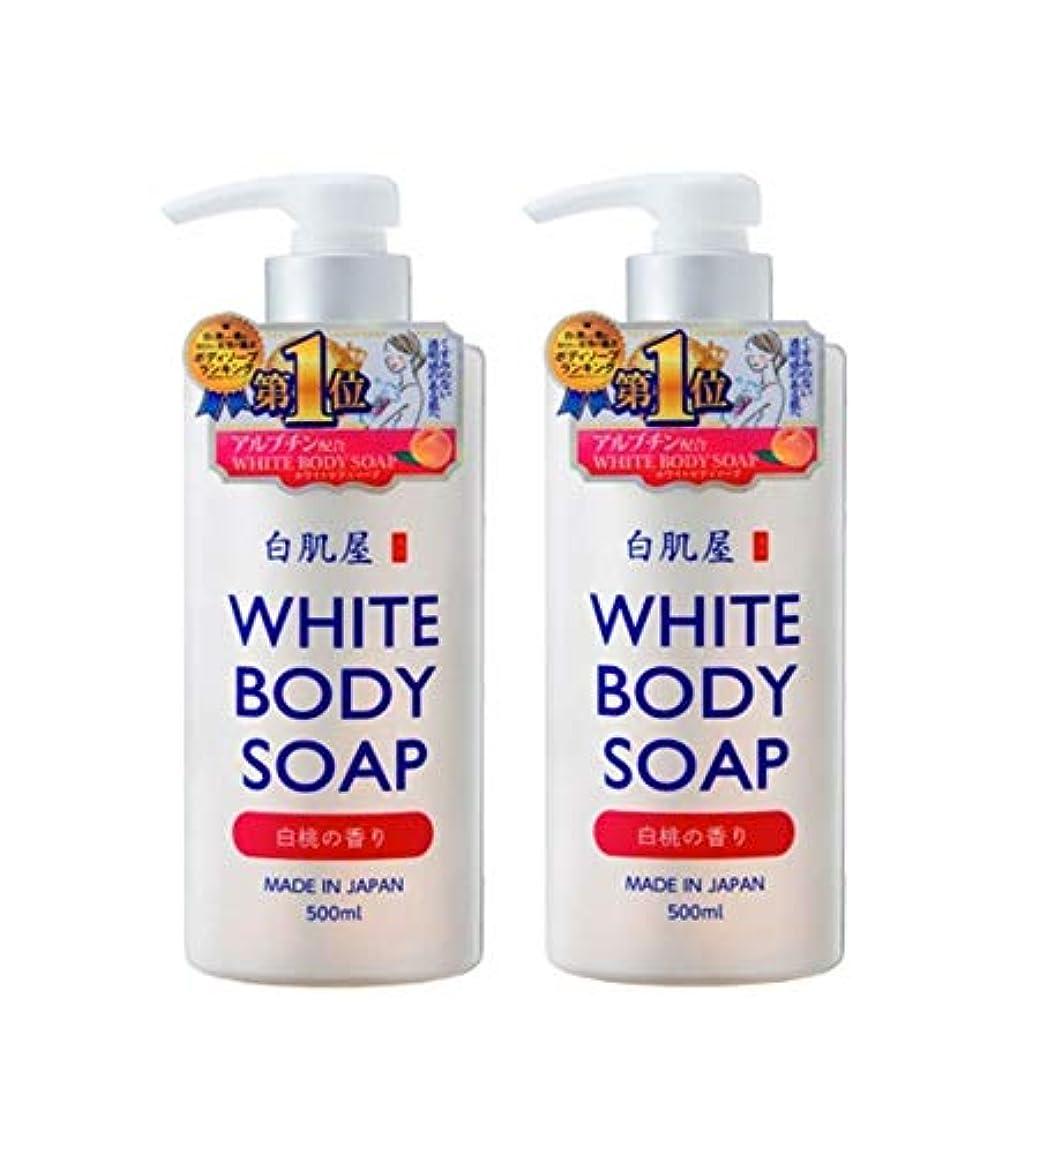 ロータリーが欲しいりんごアイスタイル リシャン 白肌屋 ホワイトボディソープ 白桃の香り 500ml×2本セット